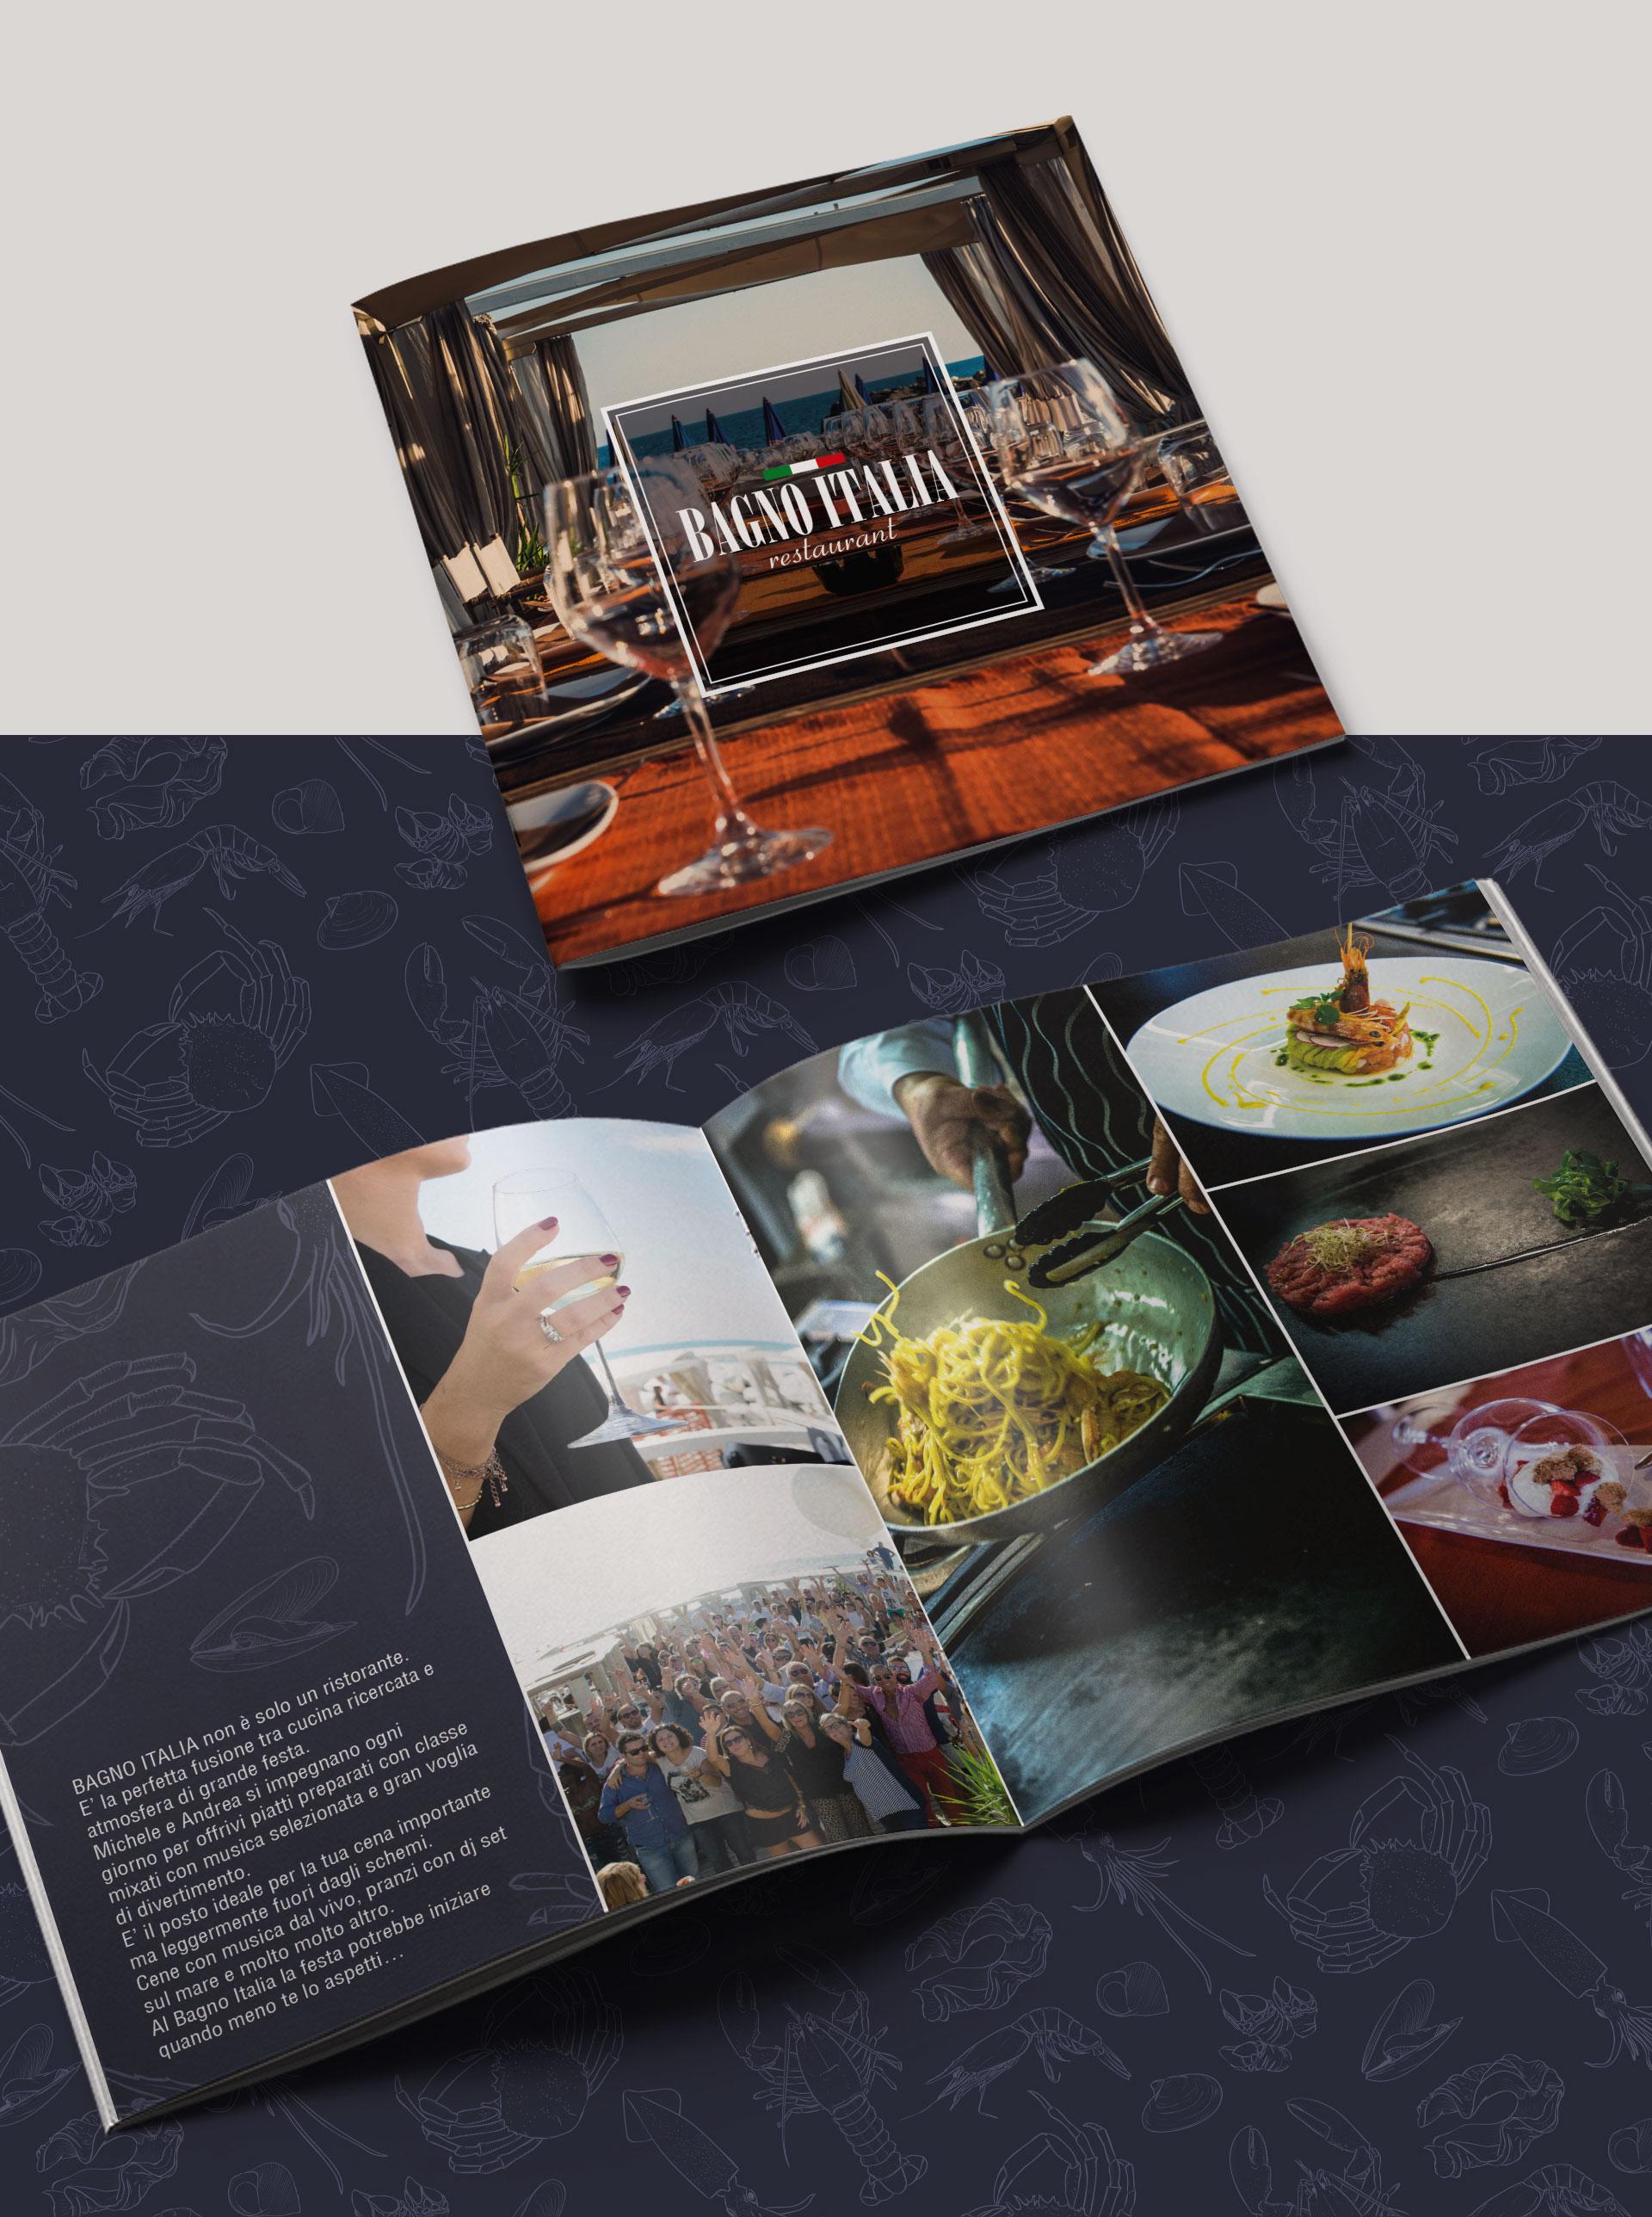 bagno-italia-brochure-1